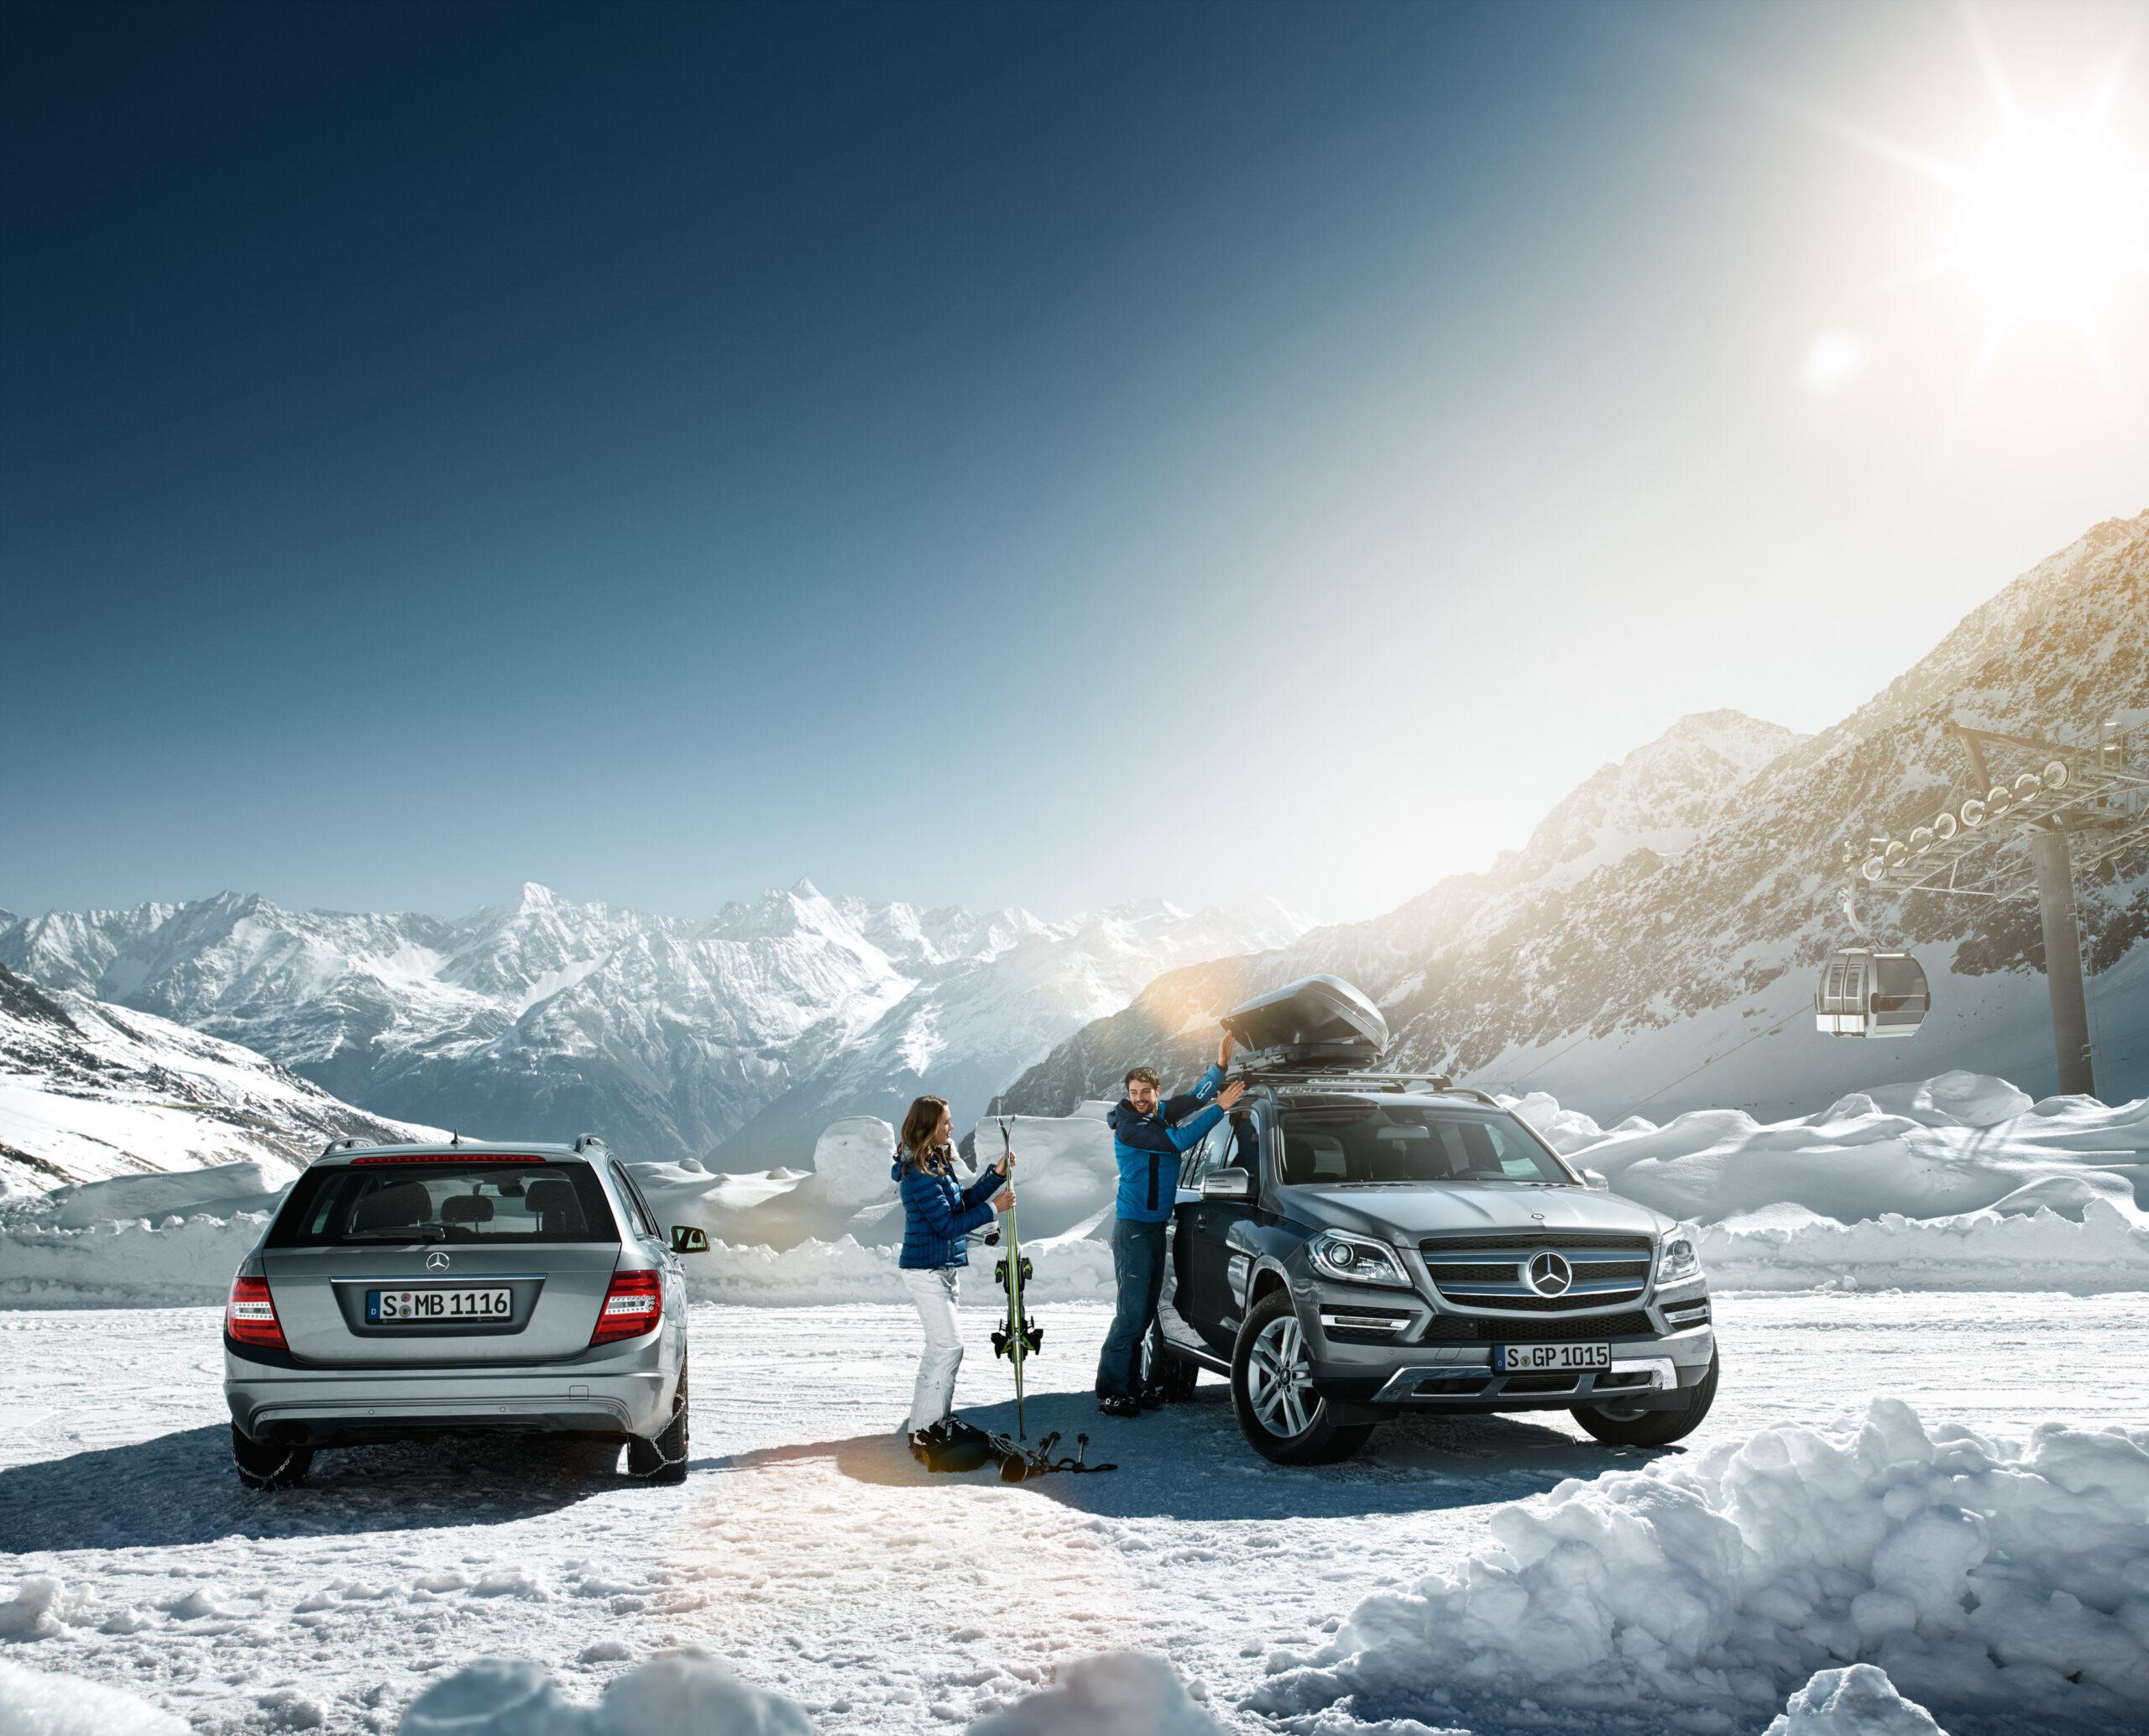 Auto Winter Check